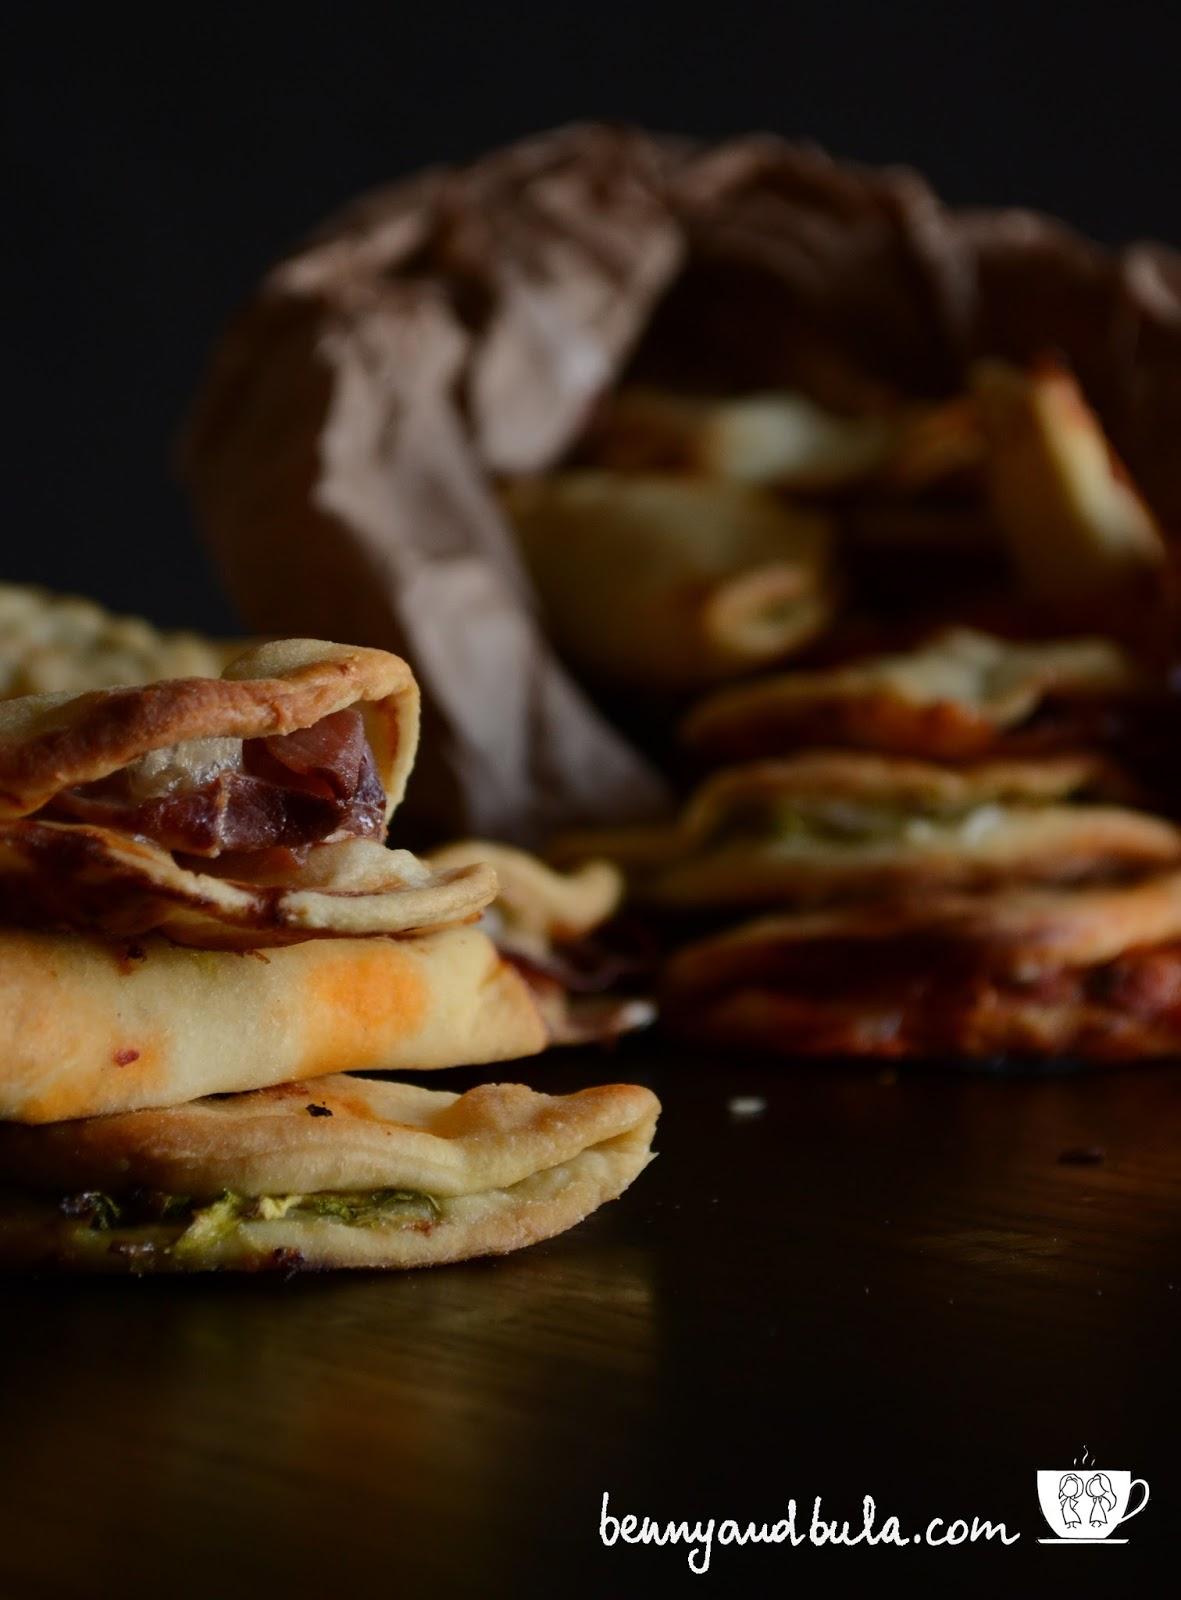 ricetta nacchere, calzoni ripieni con pomodoro e mozzarella/ stuffed or filled pizza